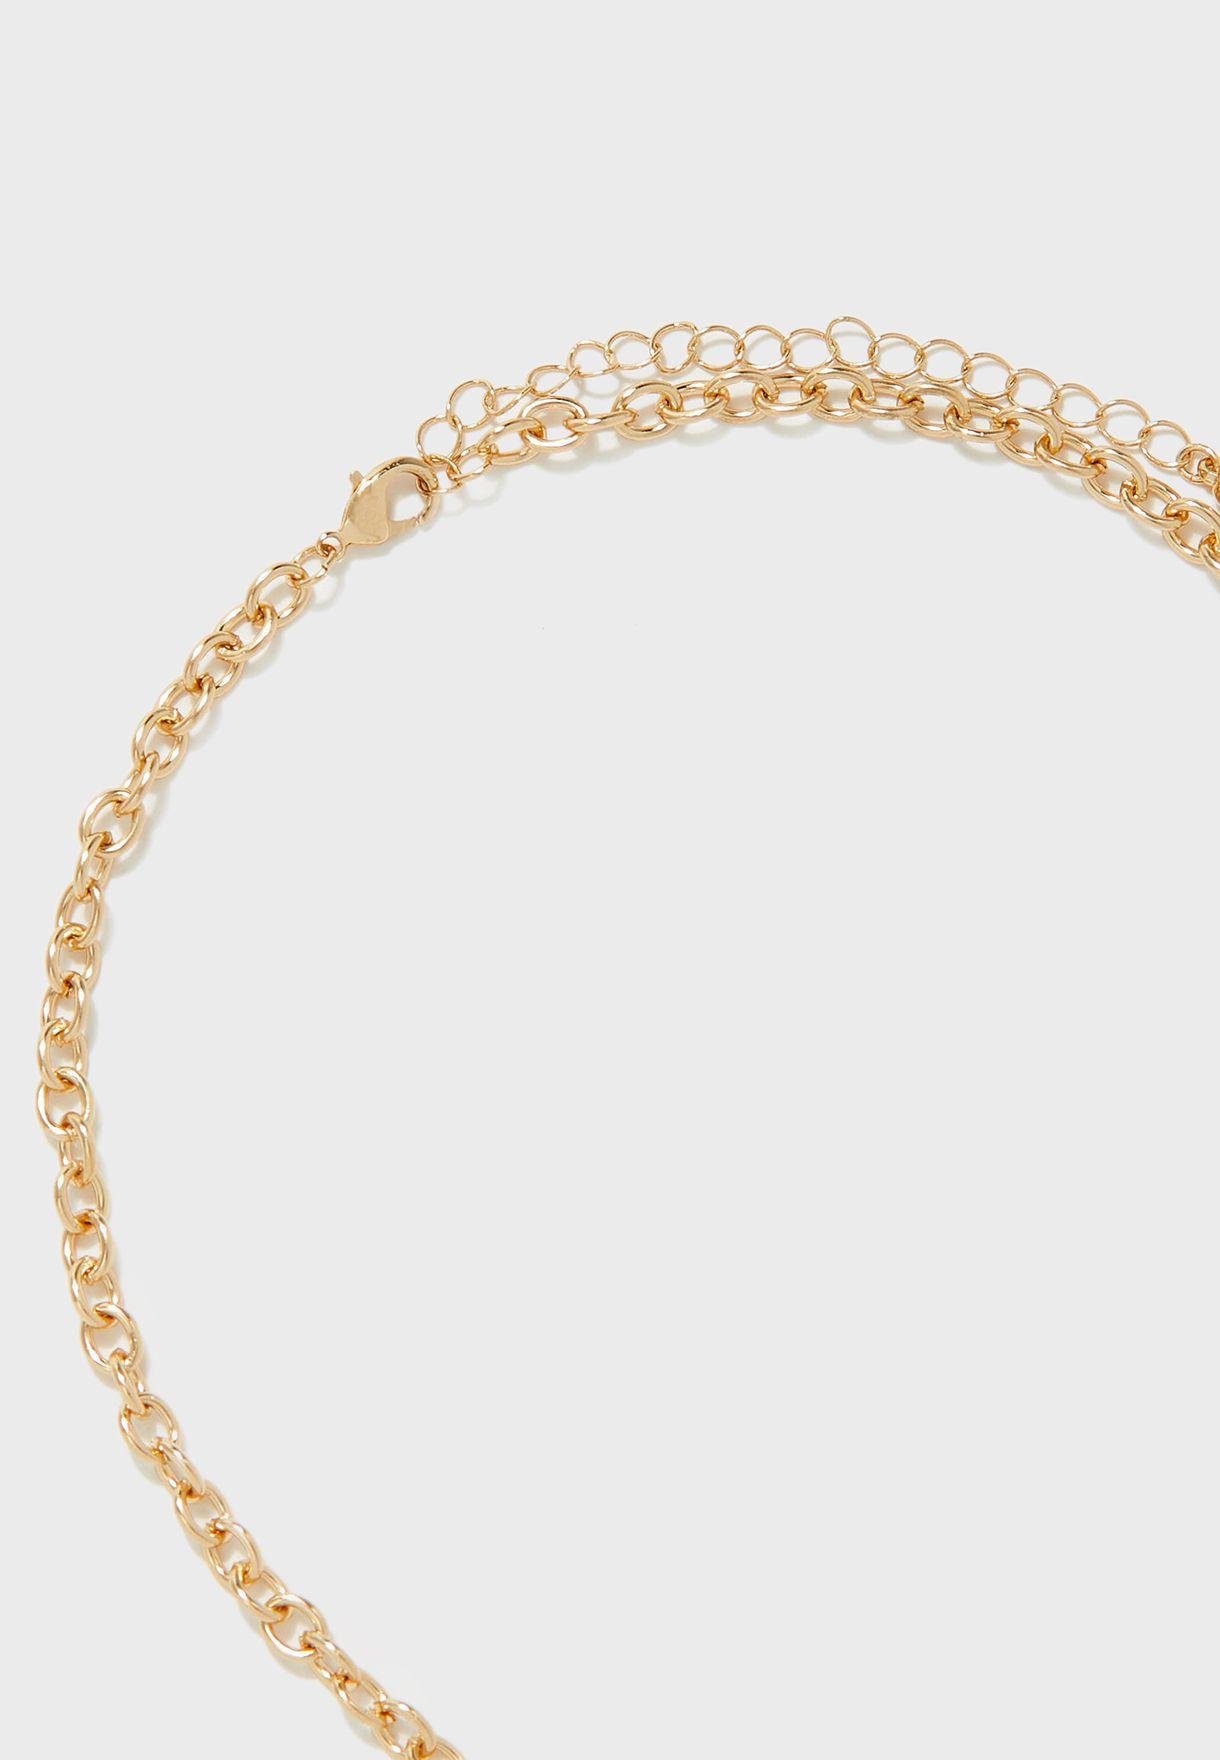 Legiravia Necklace + Pierced Earrings Set